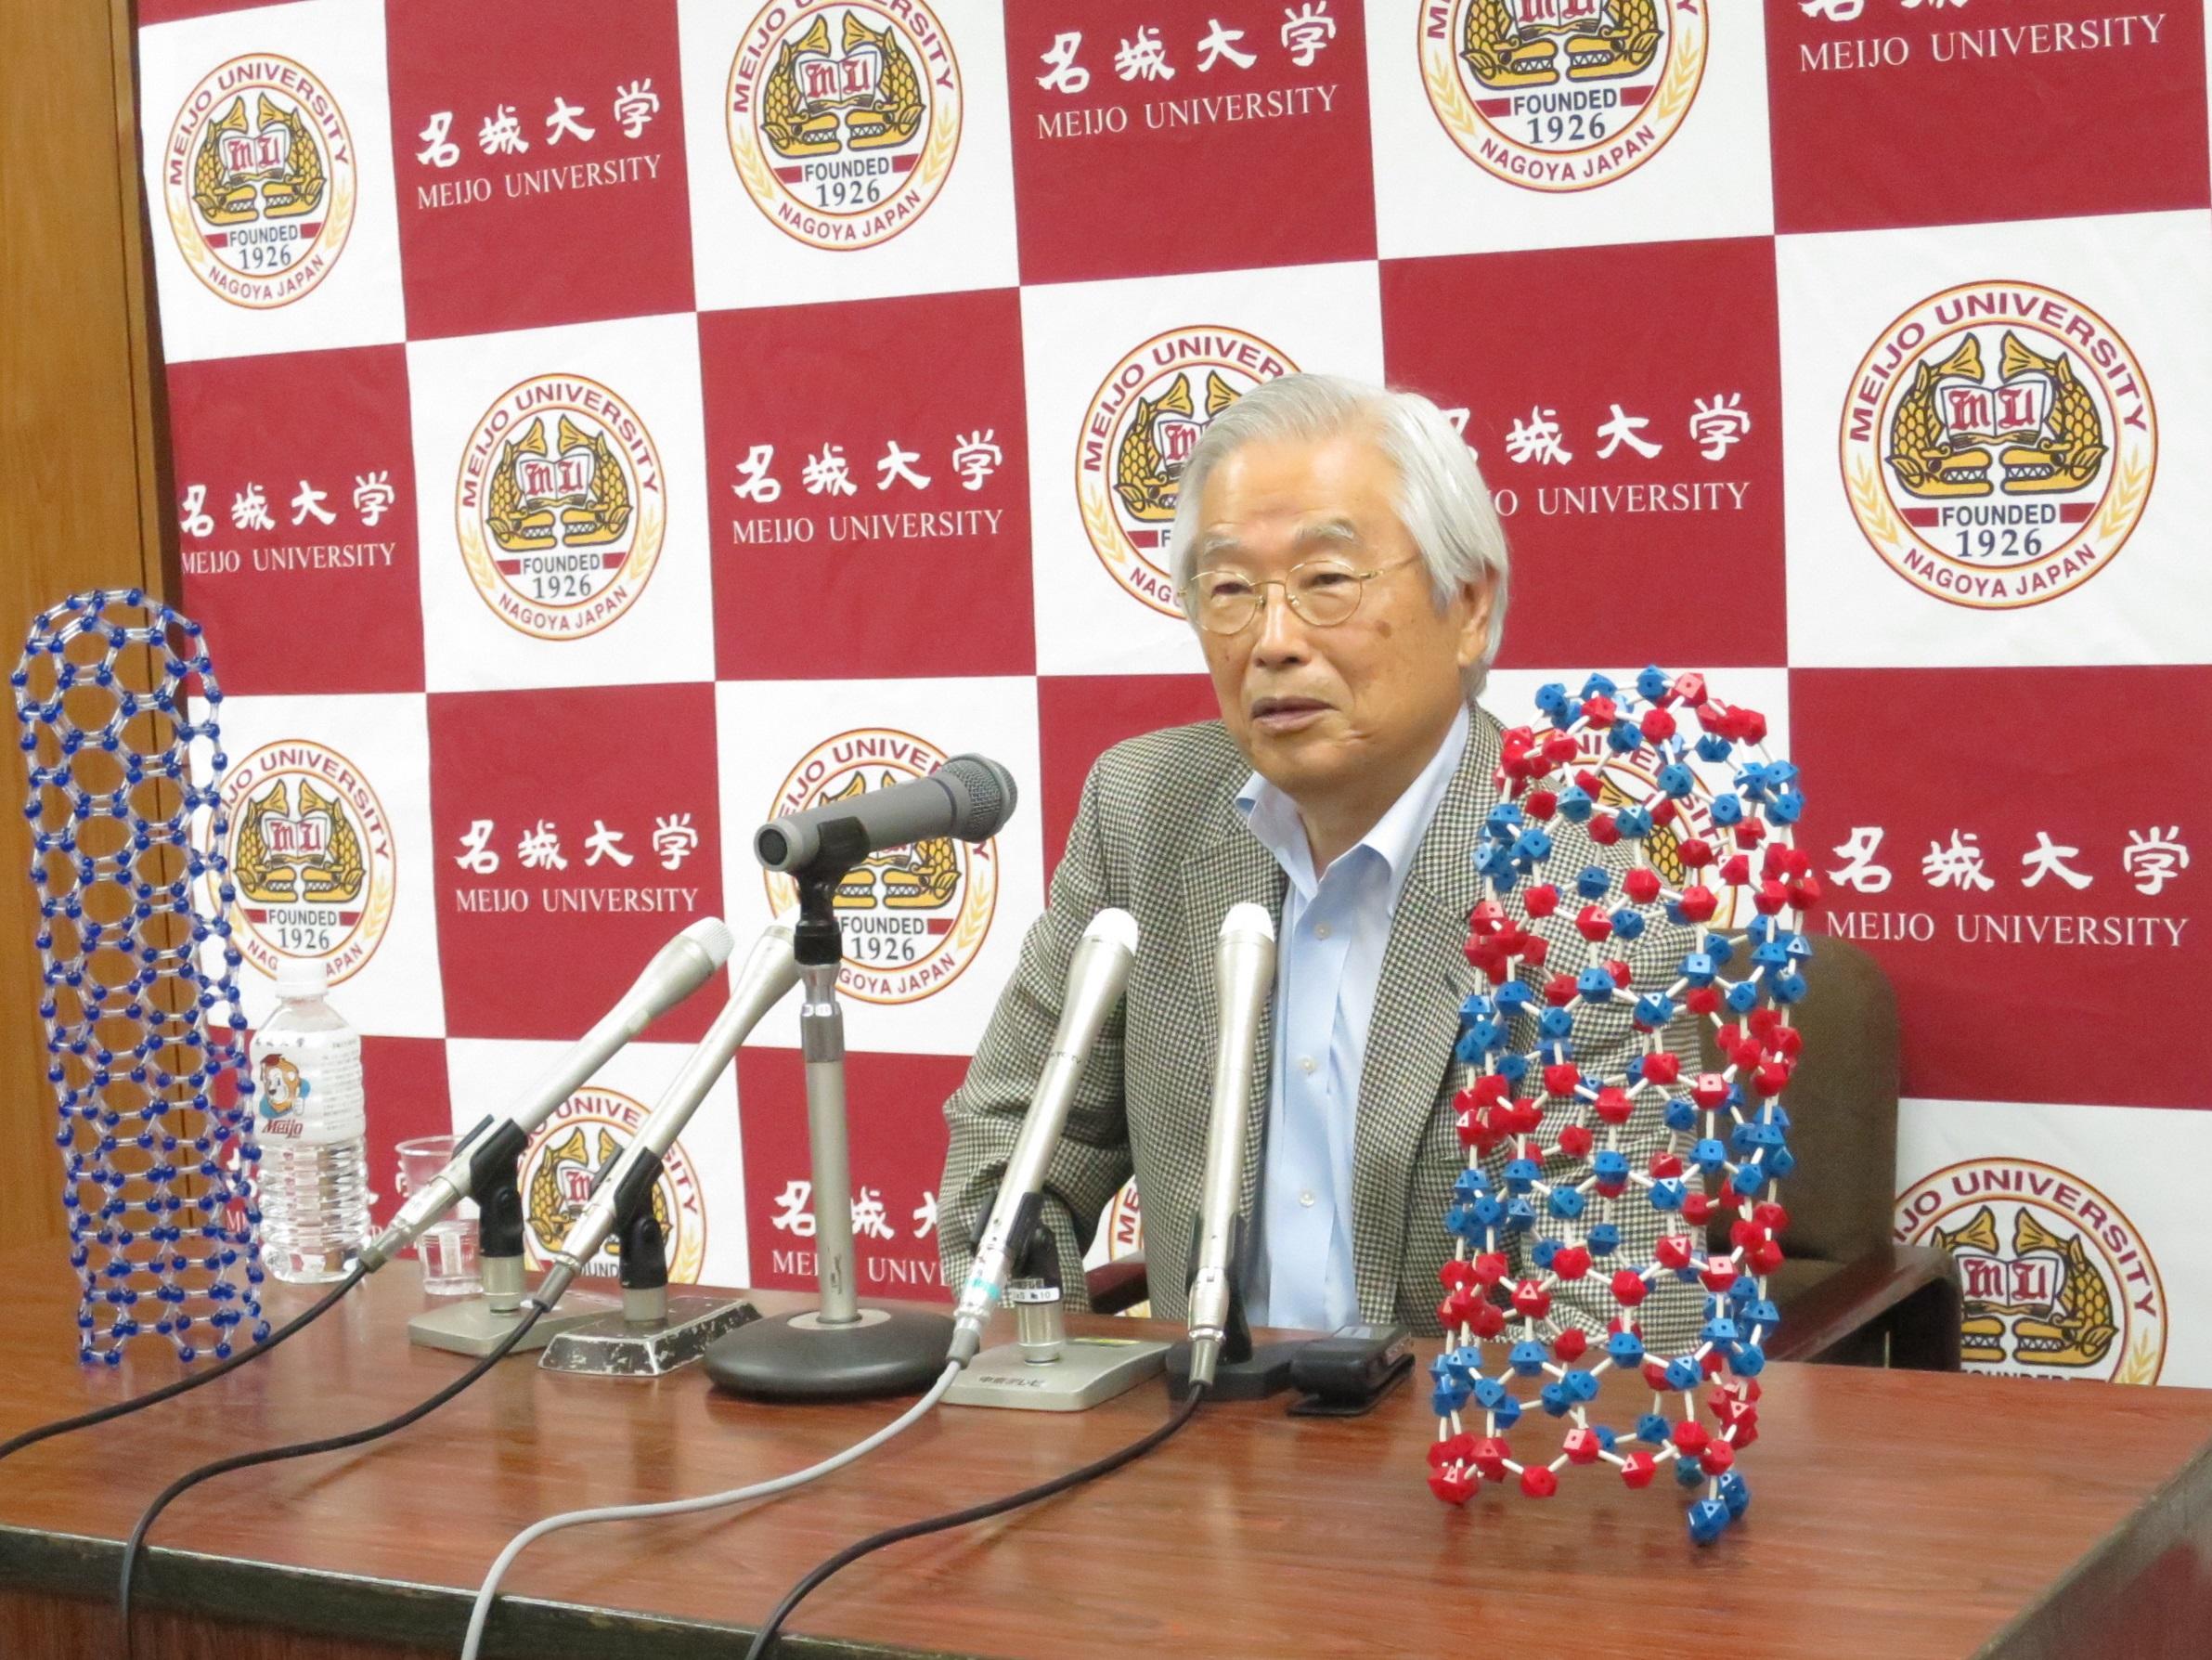 2018年9月14日の記者懇談会で自身の論文が「世界的に人気」となっていることを説明する飯島澄男終身教授